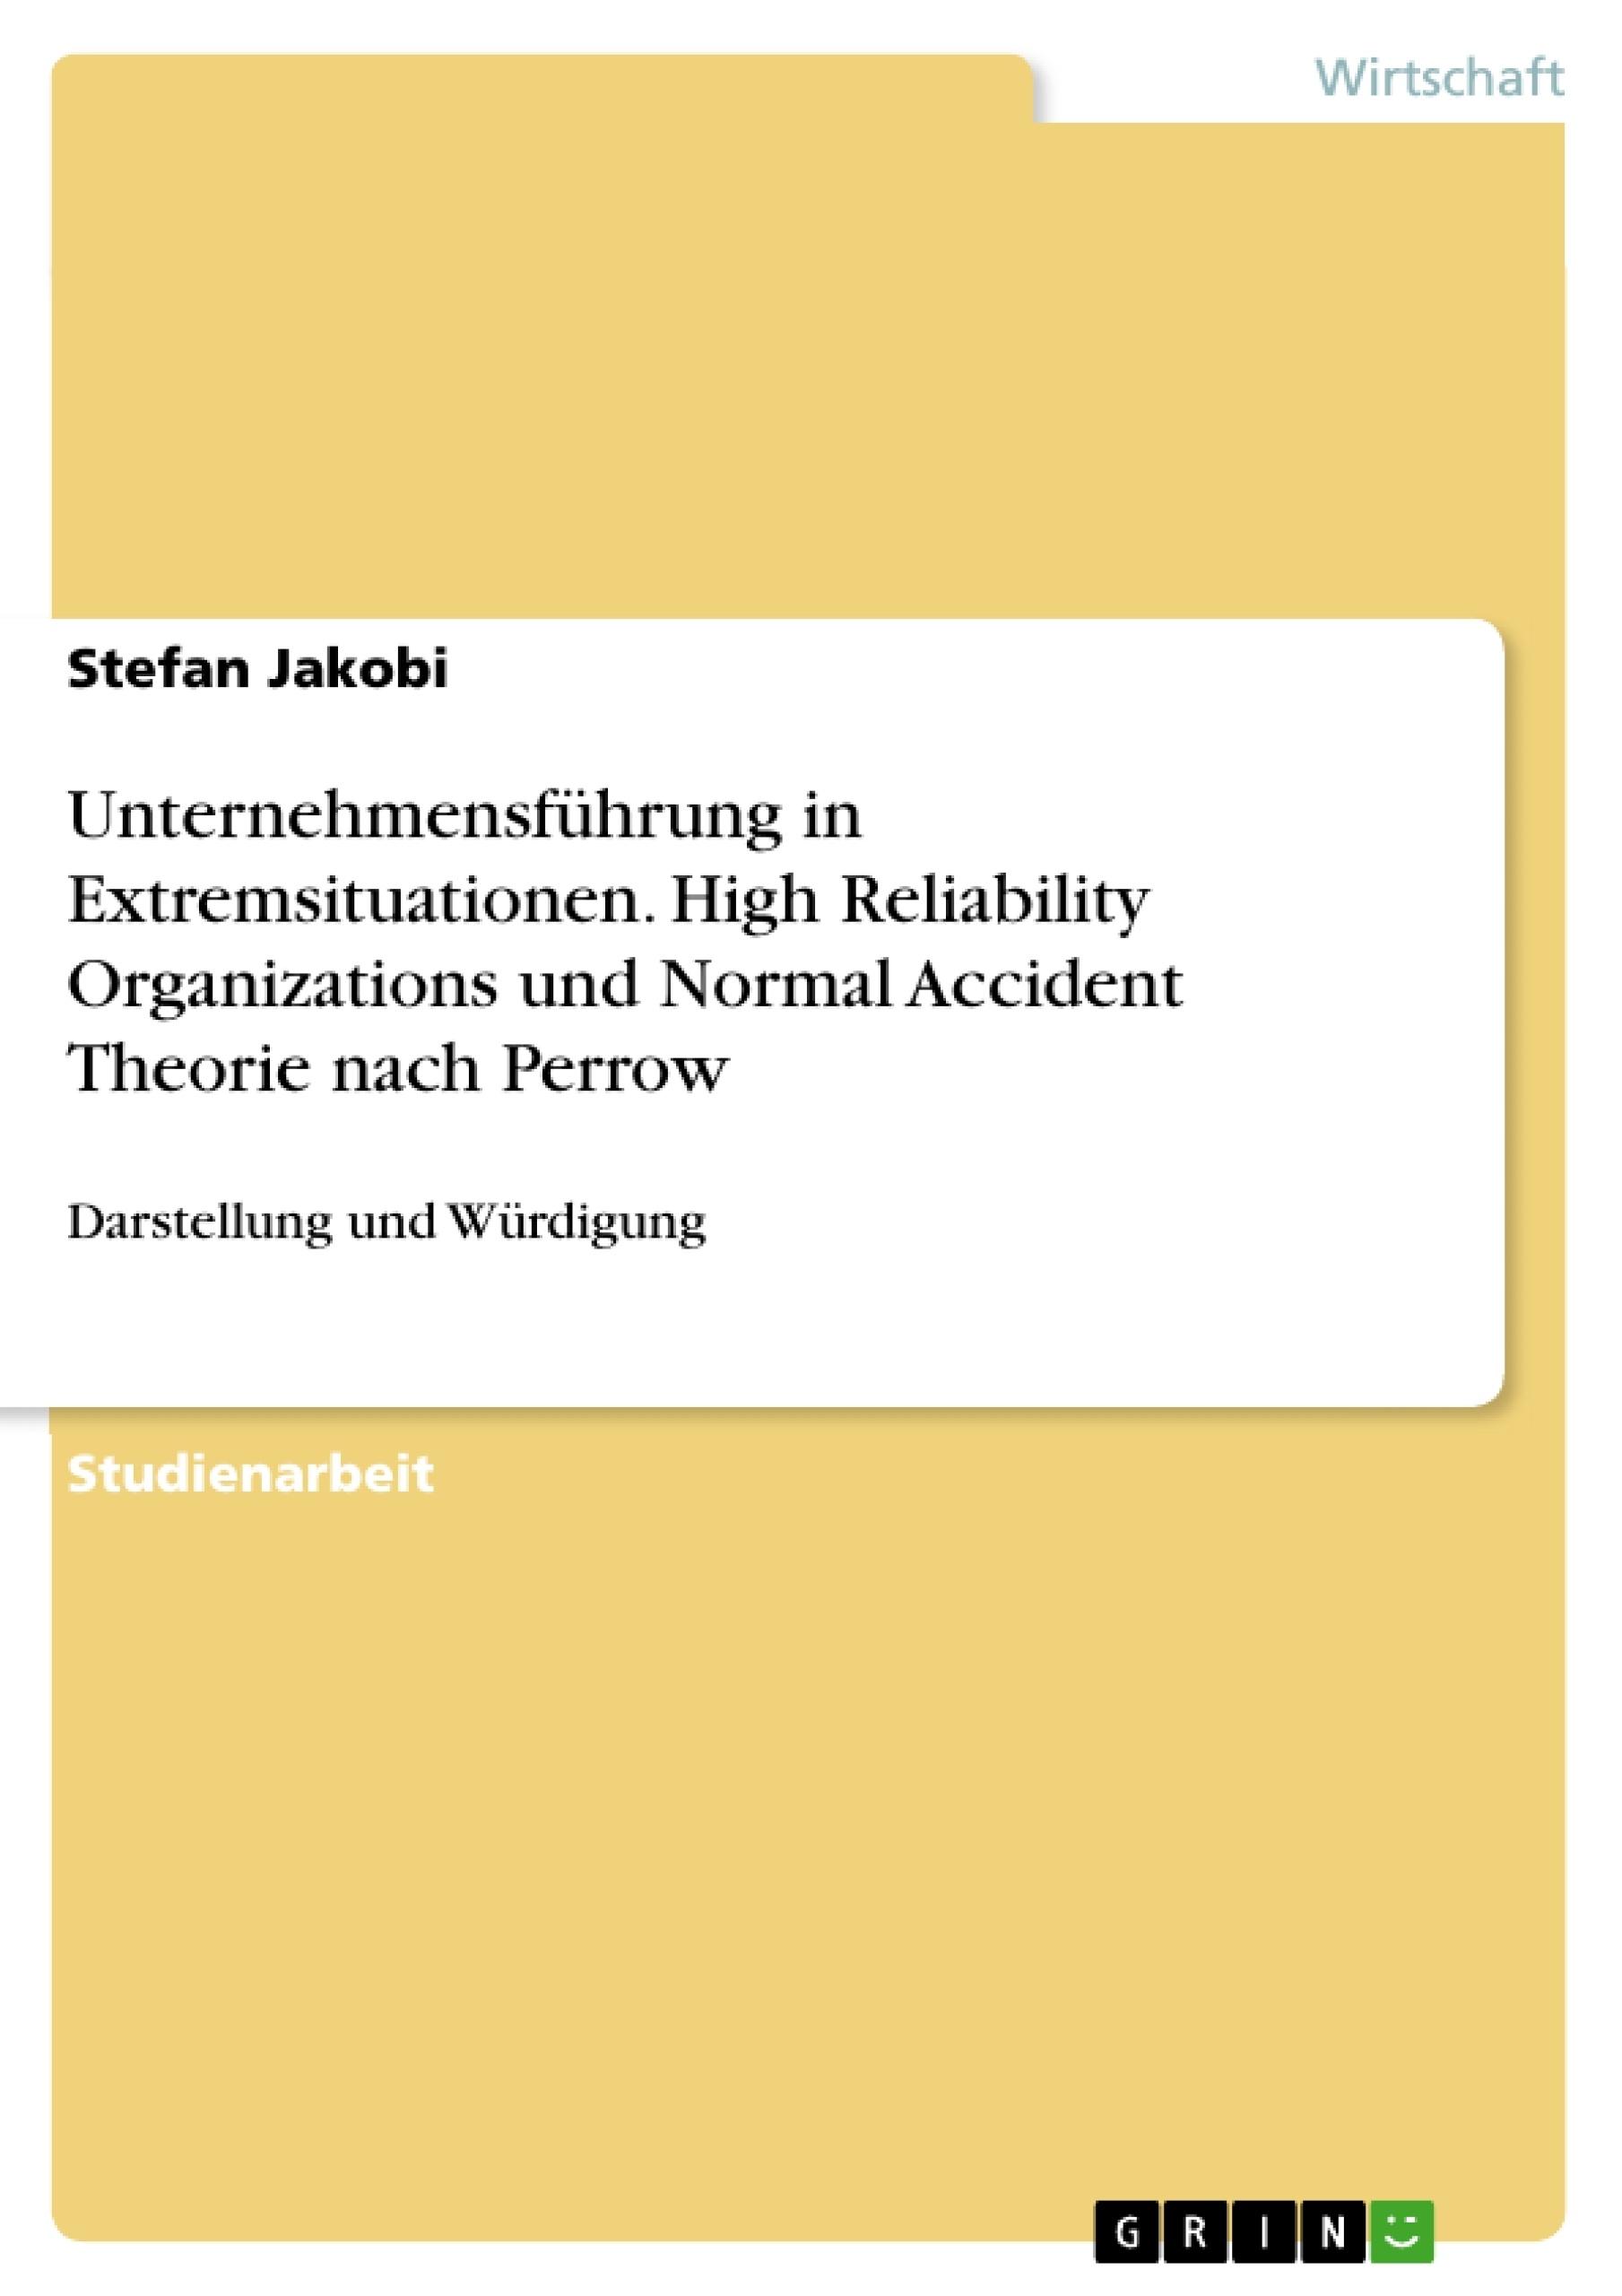 Titel: Unternehmensführung in Extremsituationen.  High Reliability Organizations und Normal Accident Theorie nach Perrow